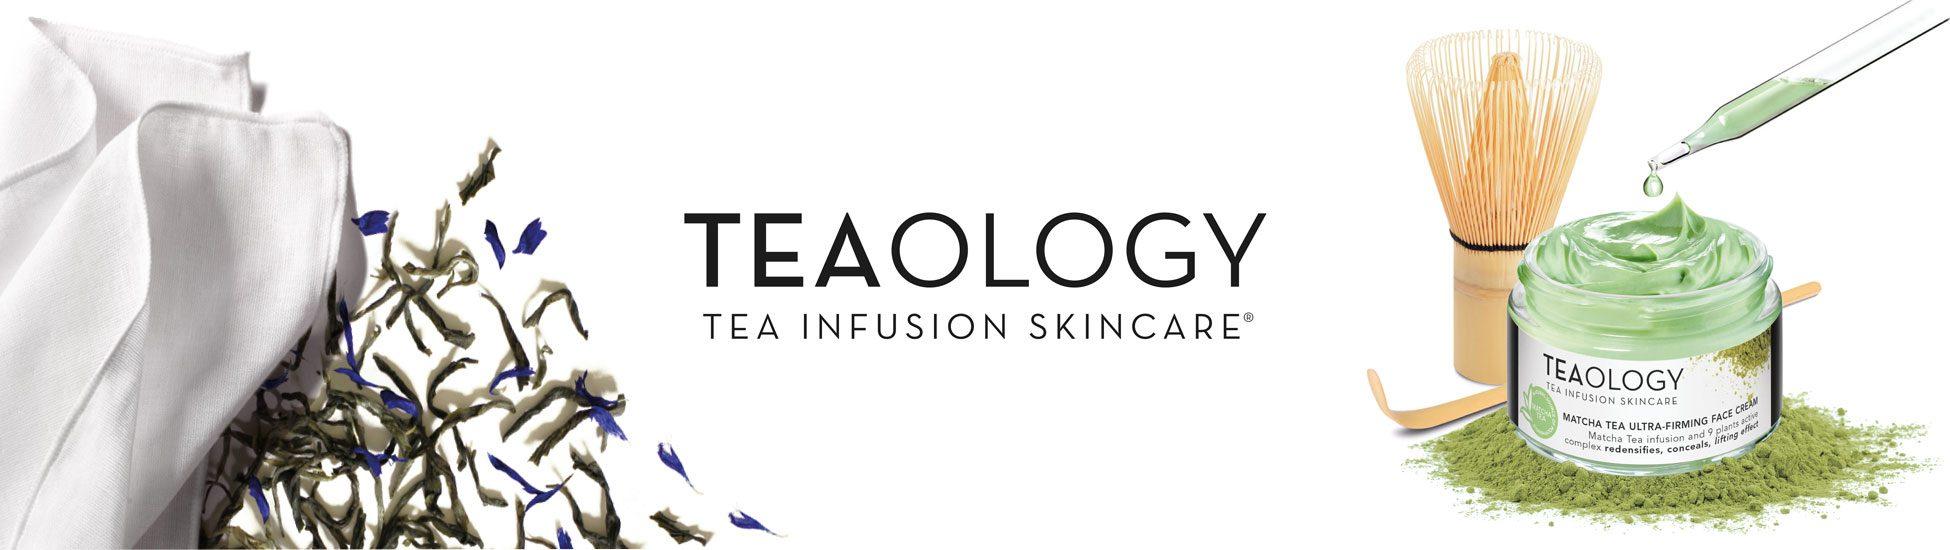 Teaology2